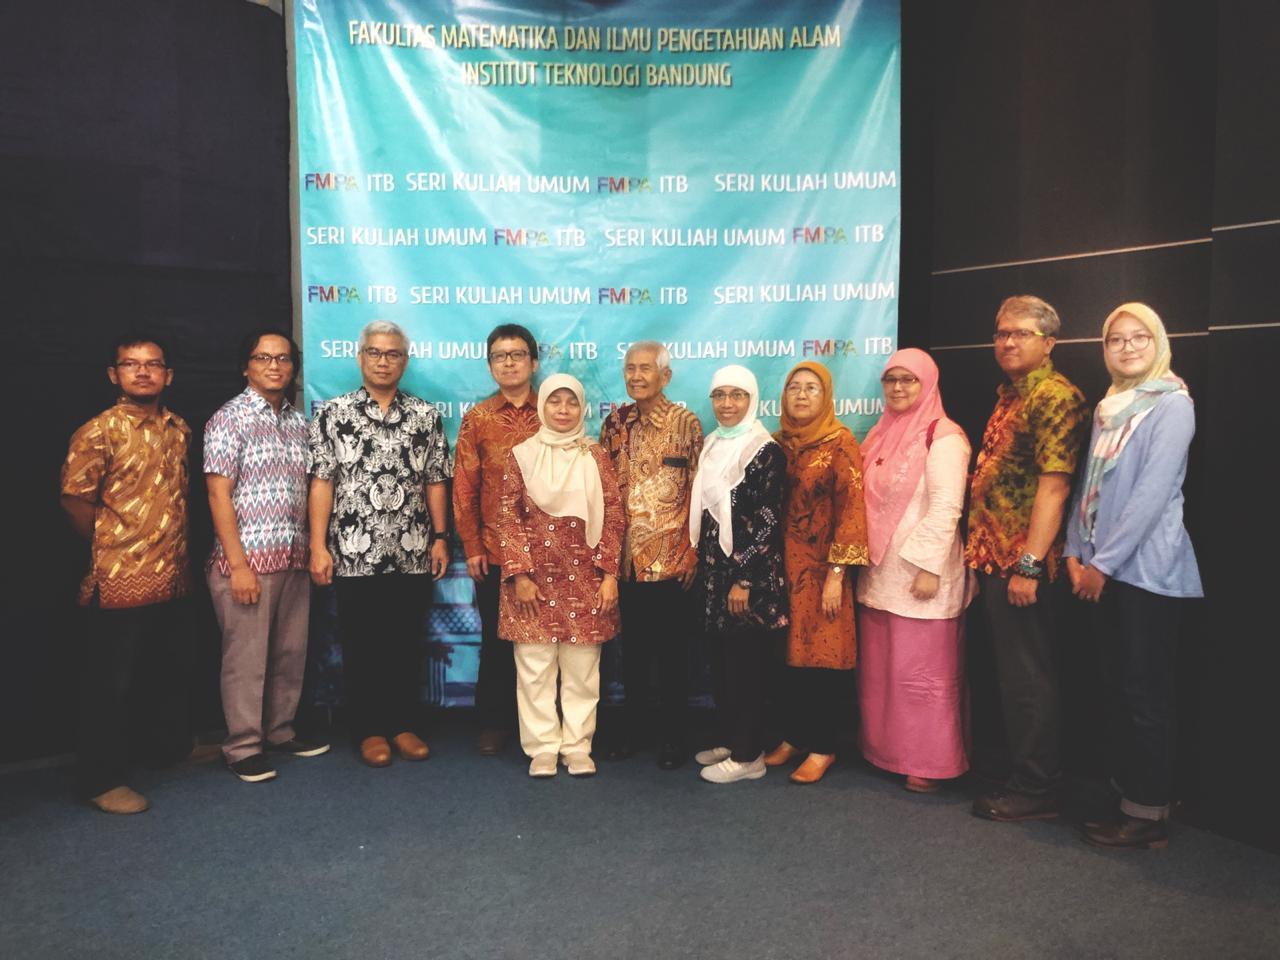 Seri Kuliah Umum FMIPA ITB 7 Desember 2019